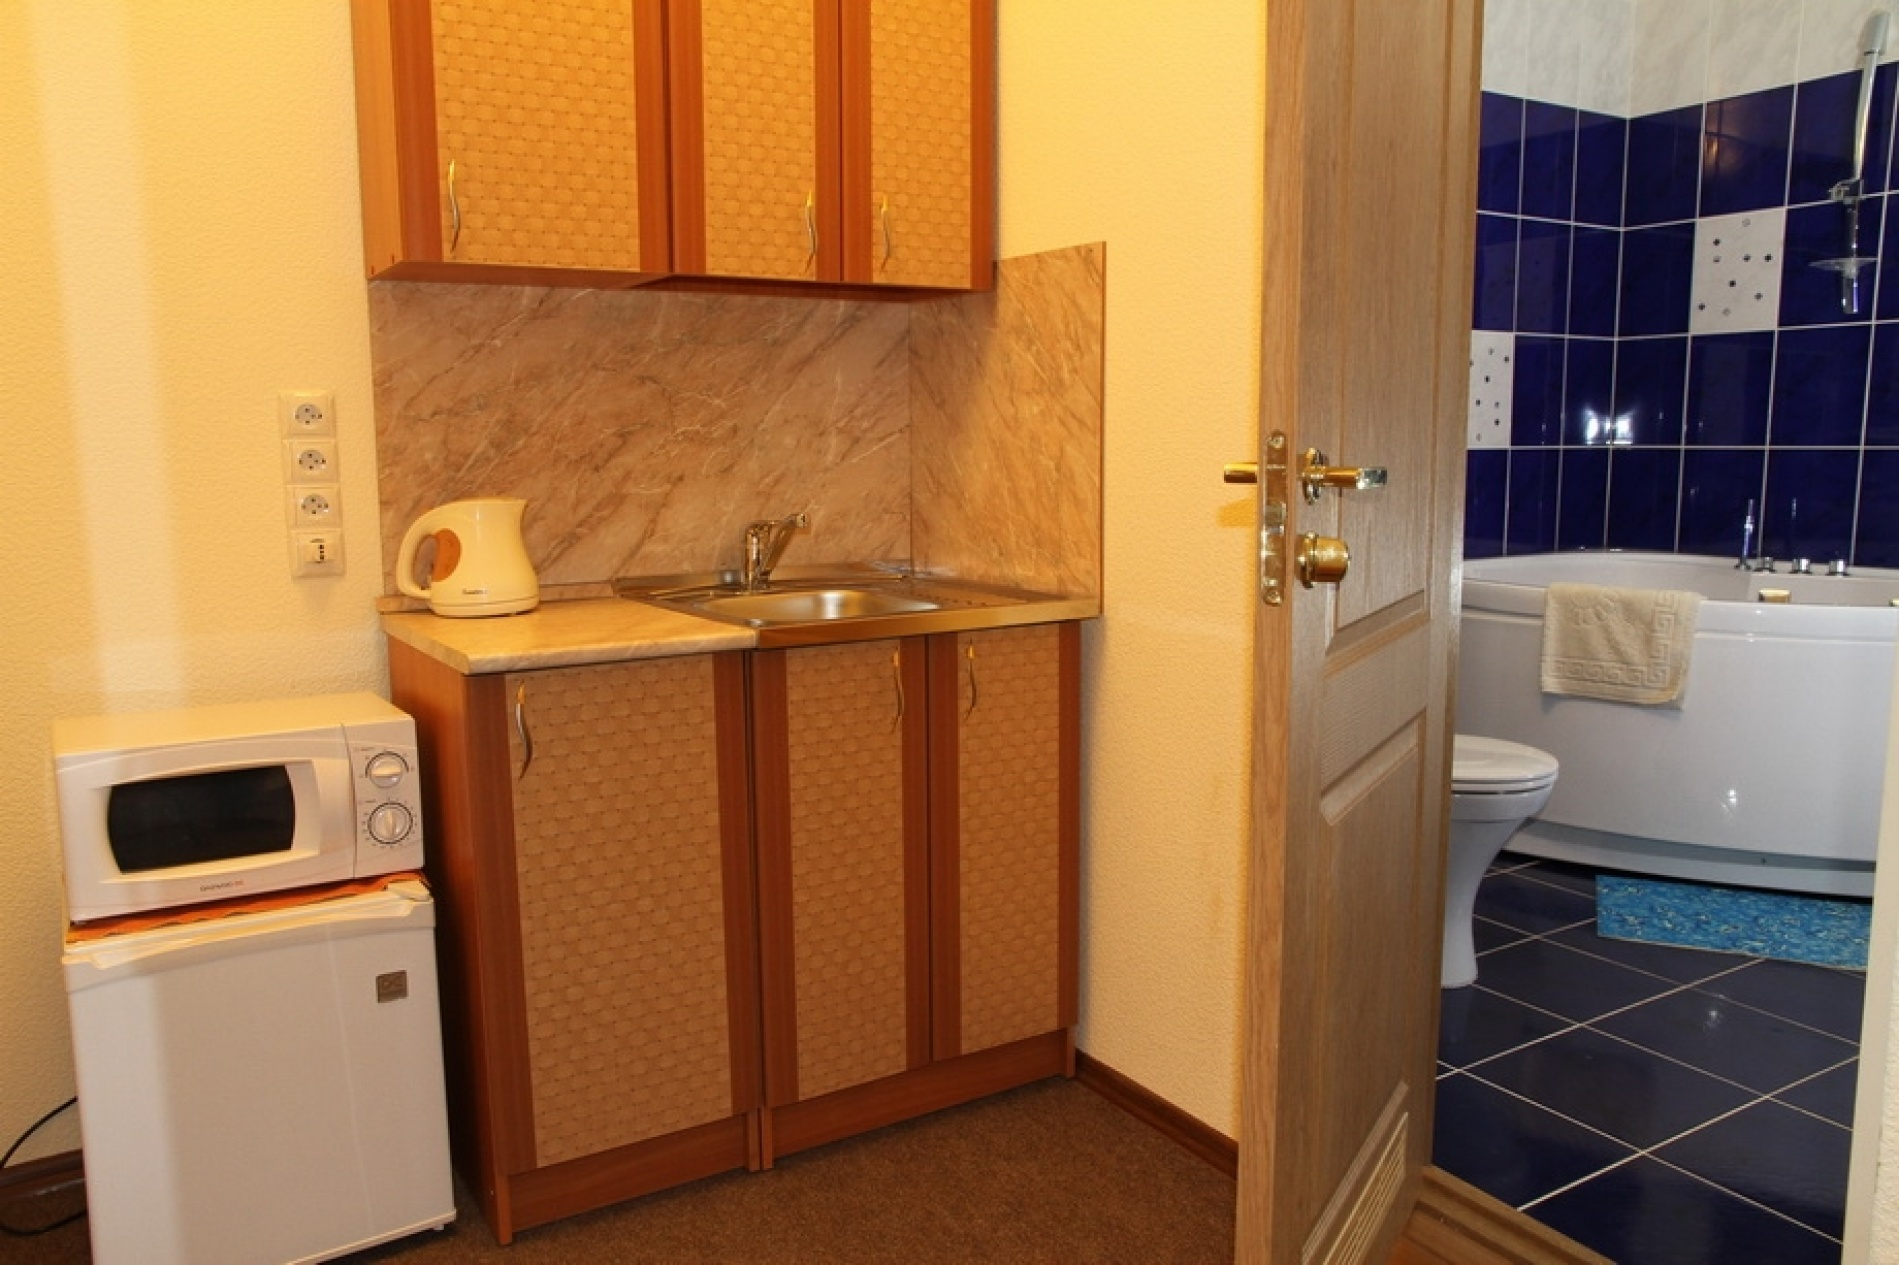 Загородный отель «Плесков» Псковская область Апартаменты № 2, фото 3